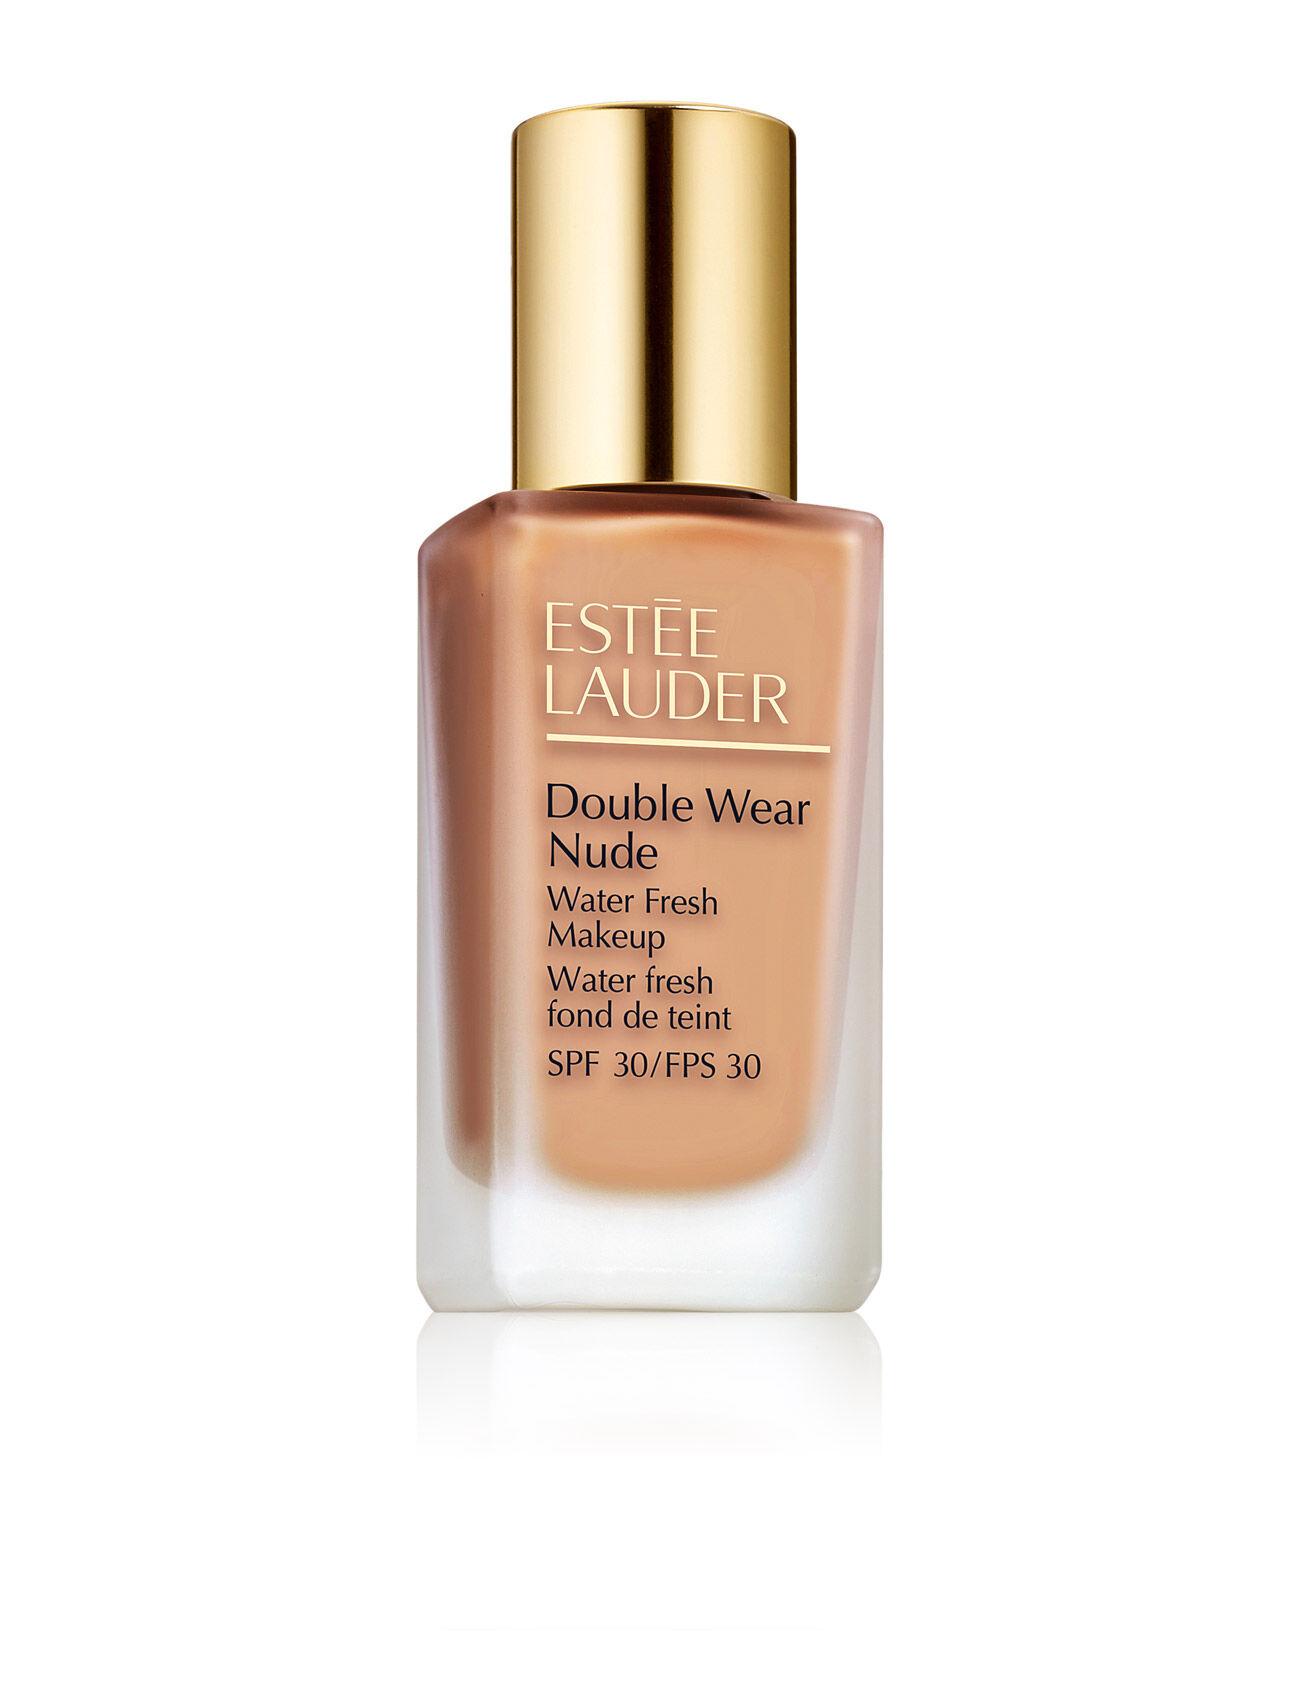 Estée Lauder Double Wear Nude Water Fresh Makeup - Wheat 3n2